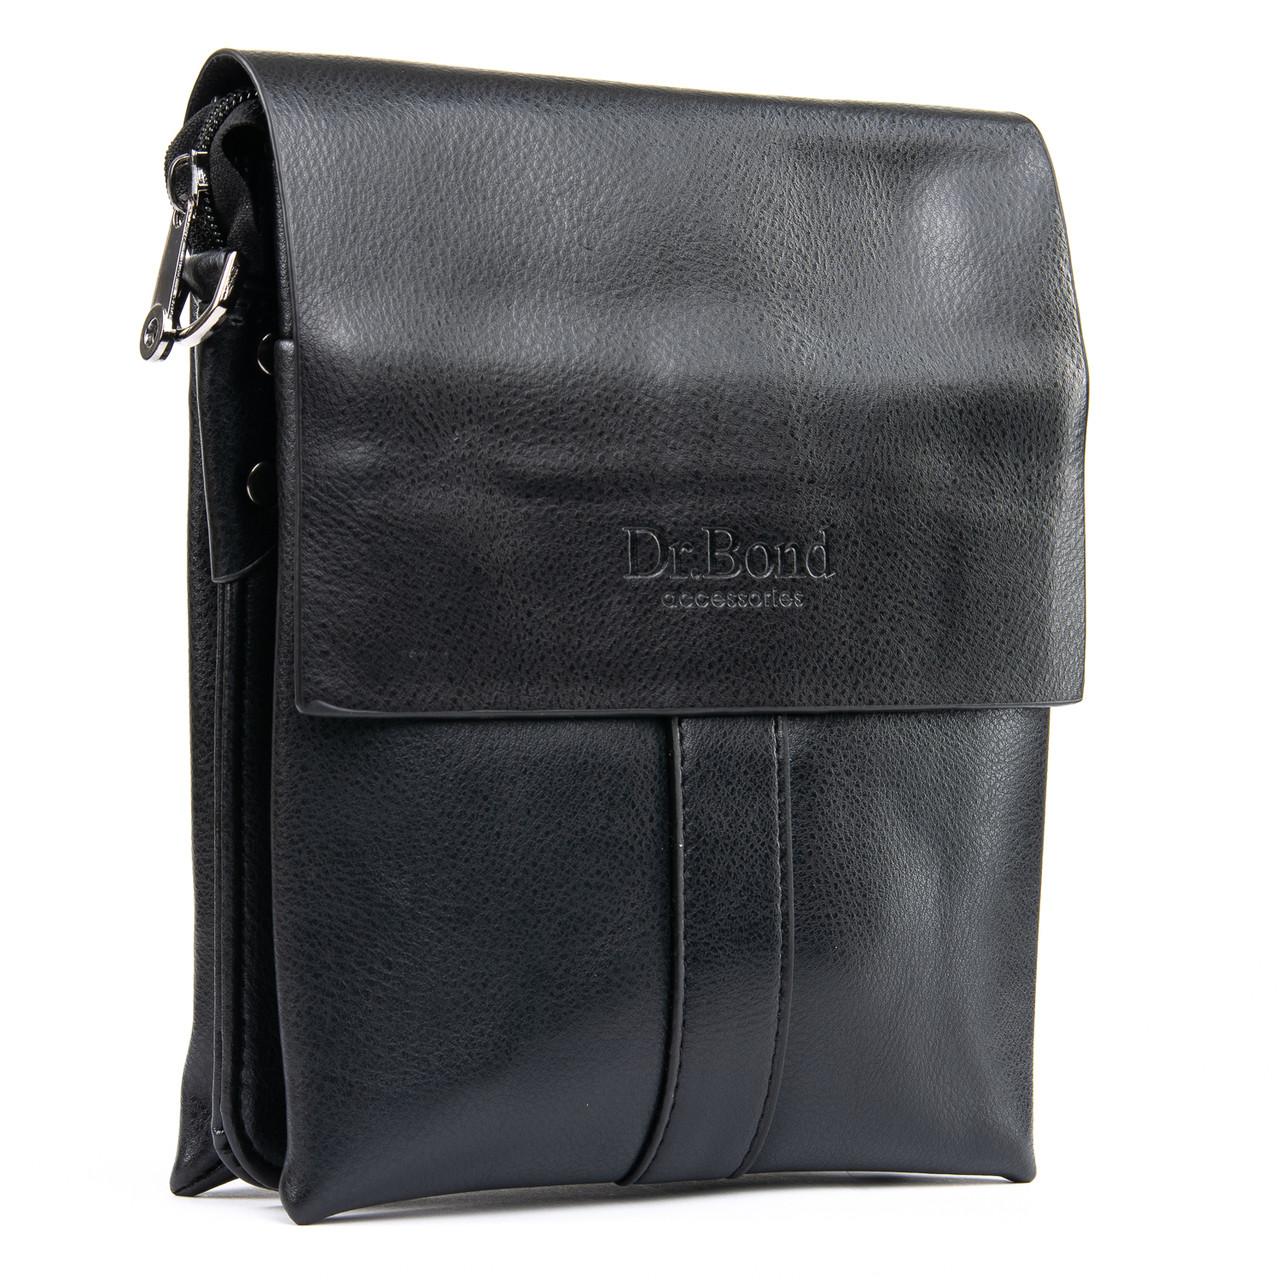 Мужская сумка планшет через плечо иск-кожа DR. BOND GL 202-2 black